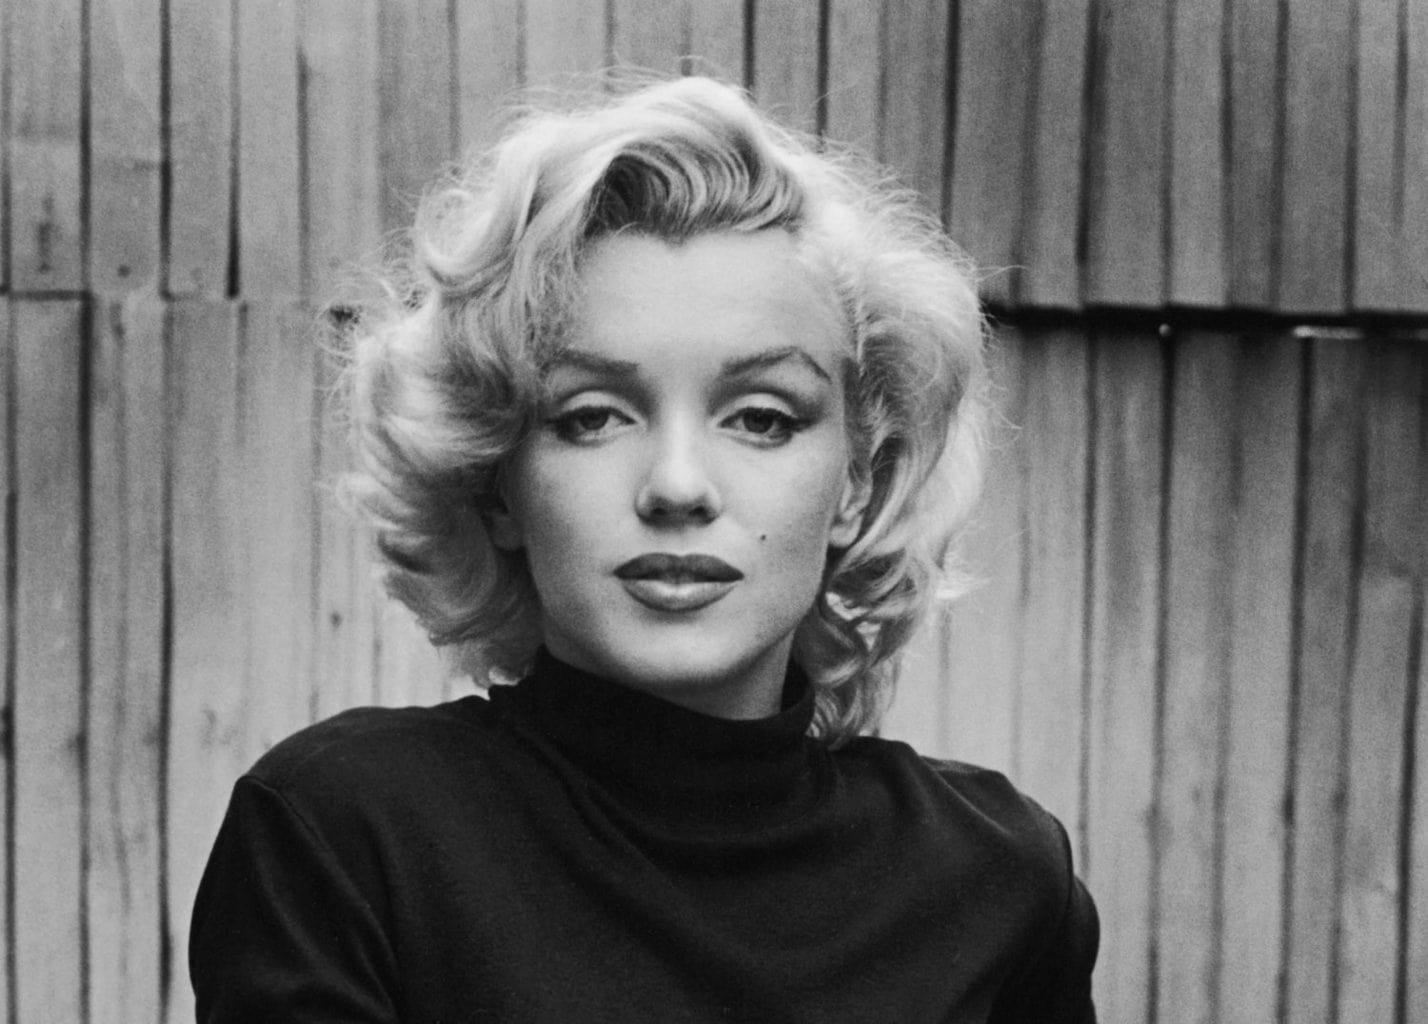 Portret Marilyn Monroe, 1953, Hollywood